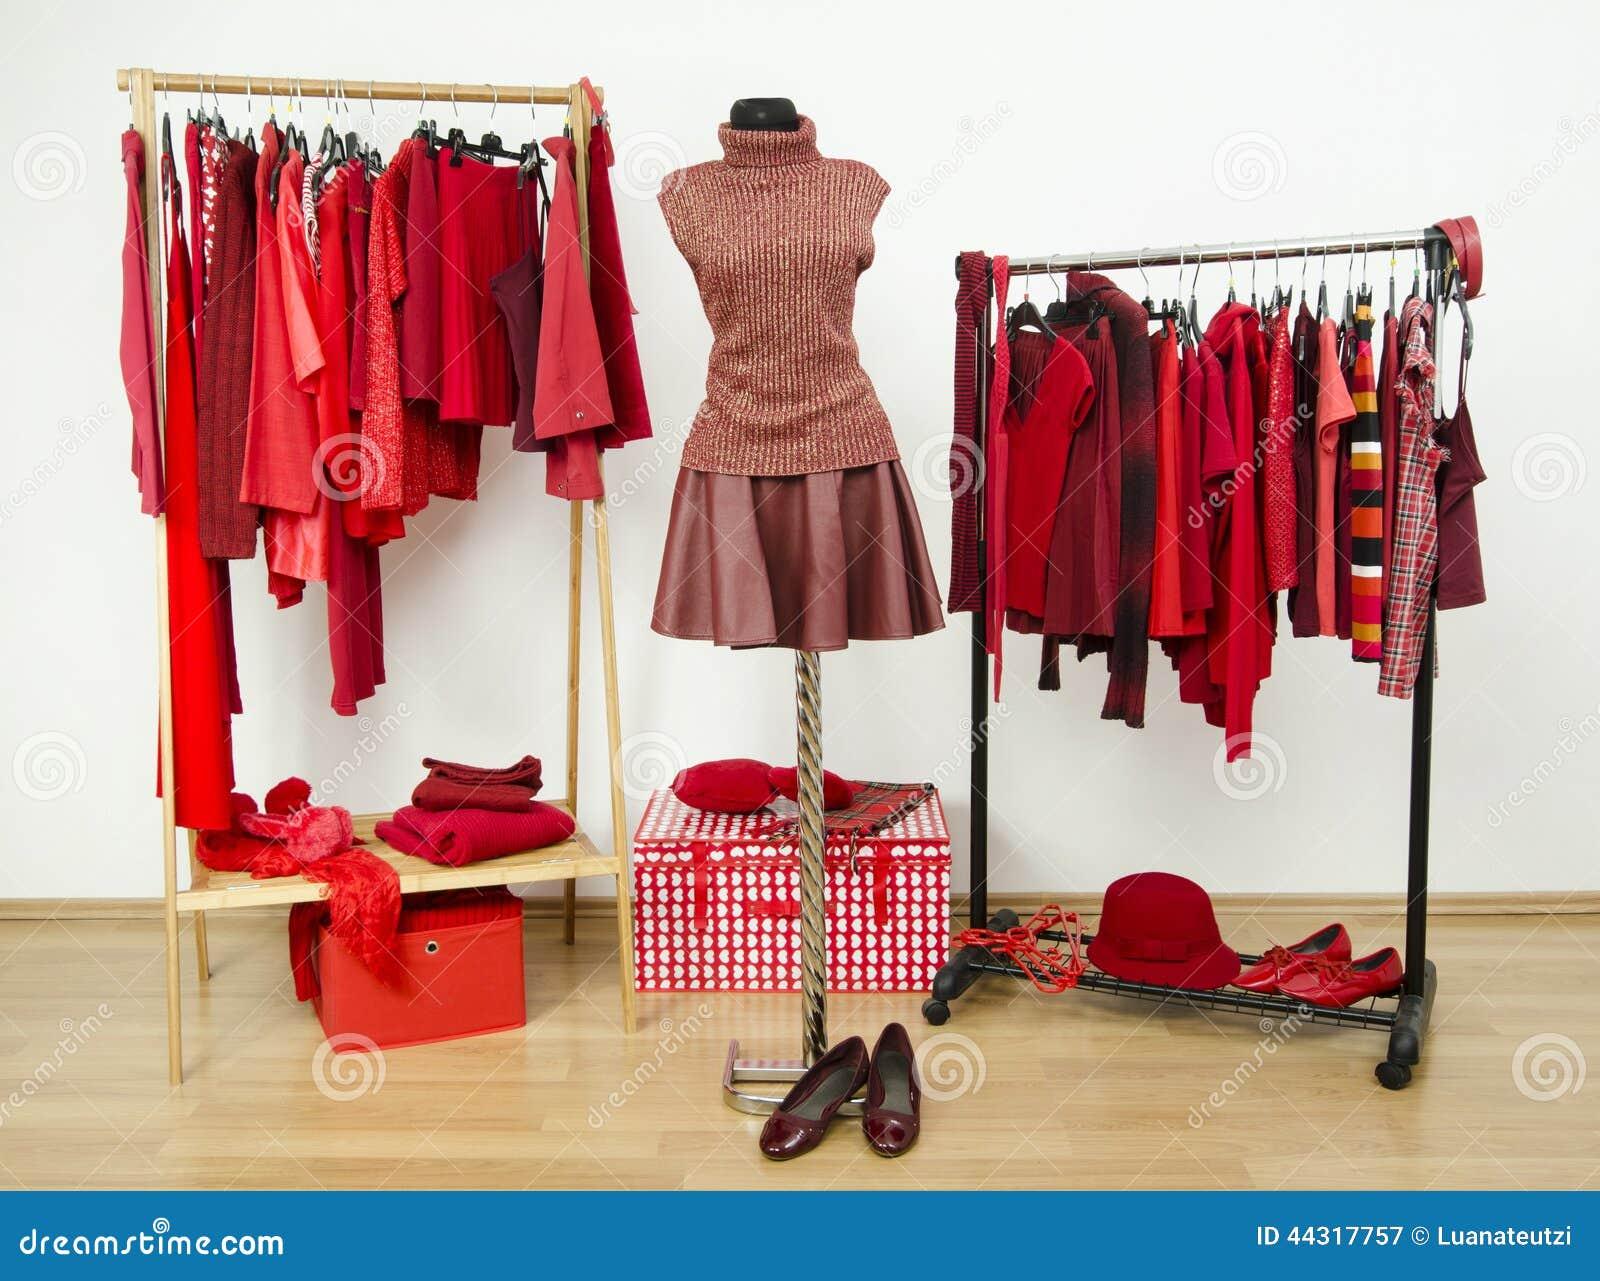 De garderobe met rode kleren schikte op hangers en een uitrusting op een ledenpop